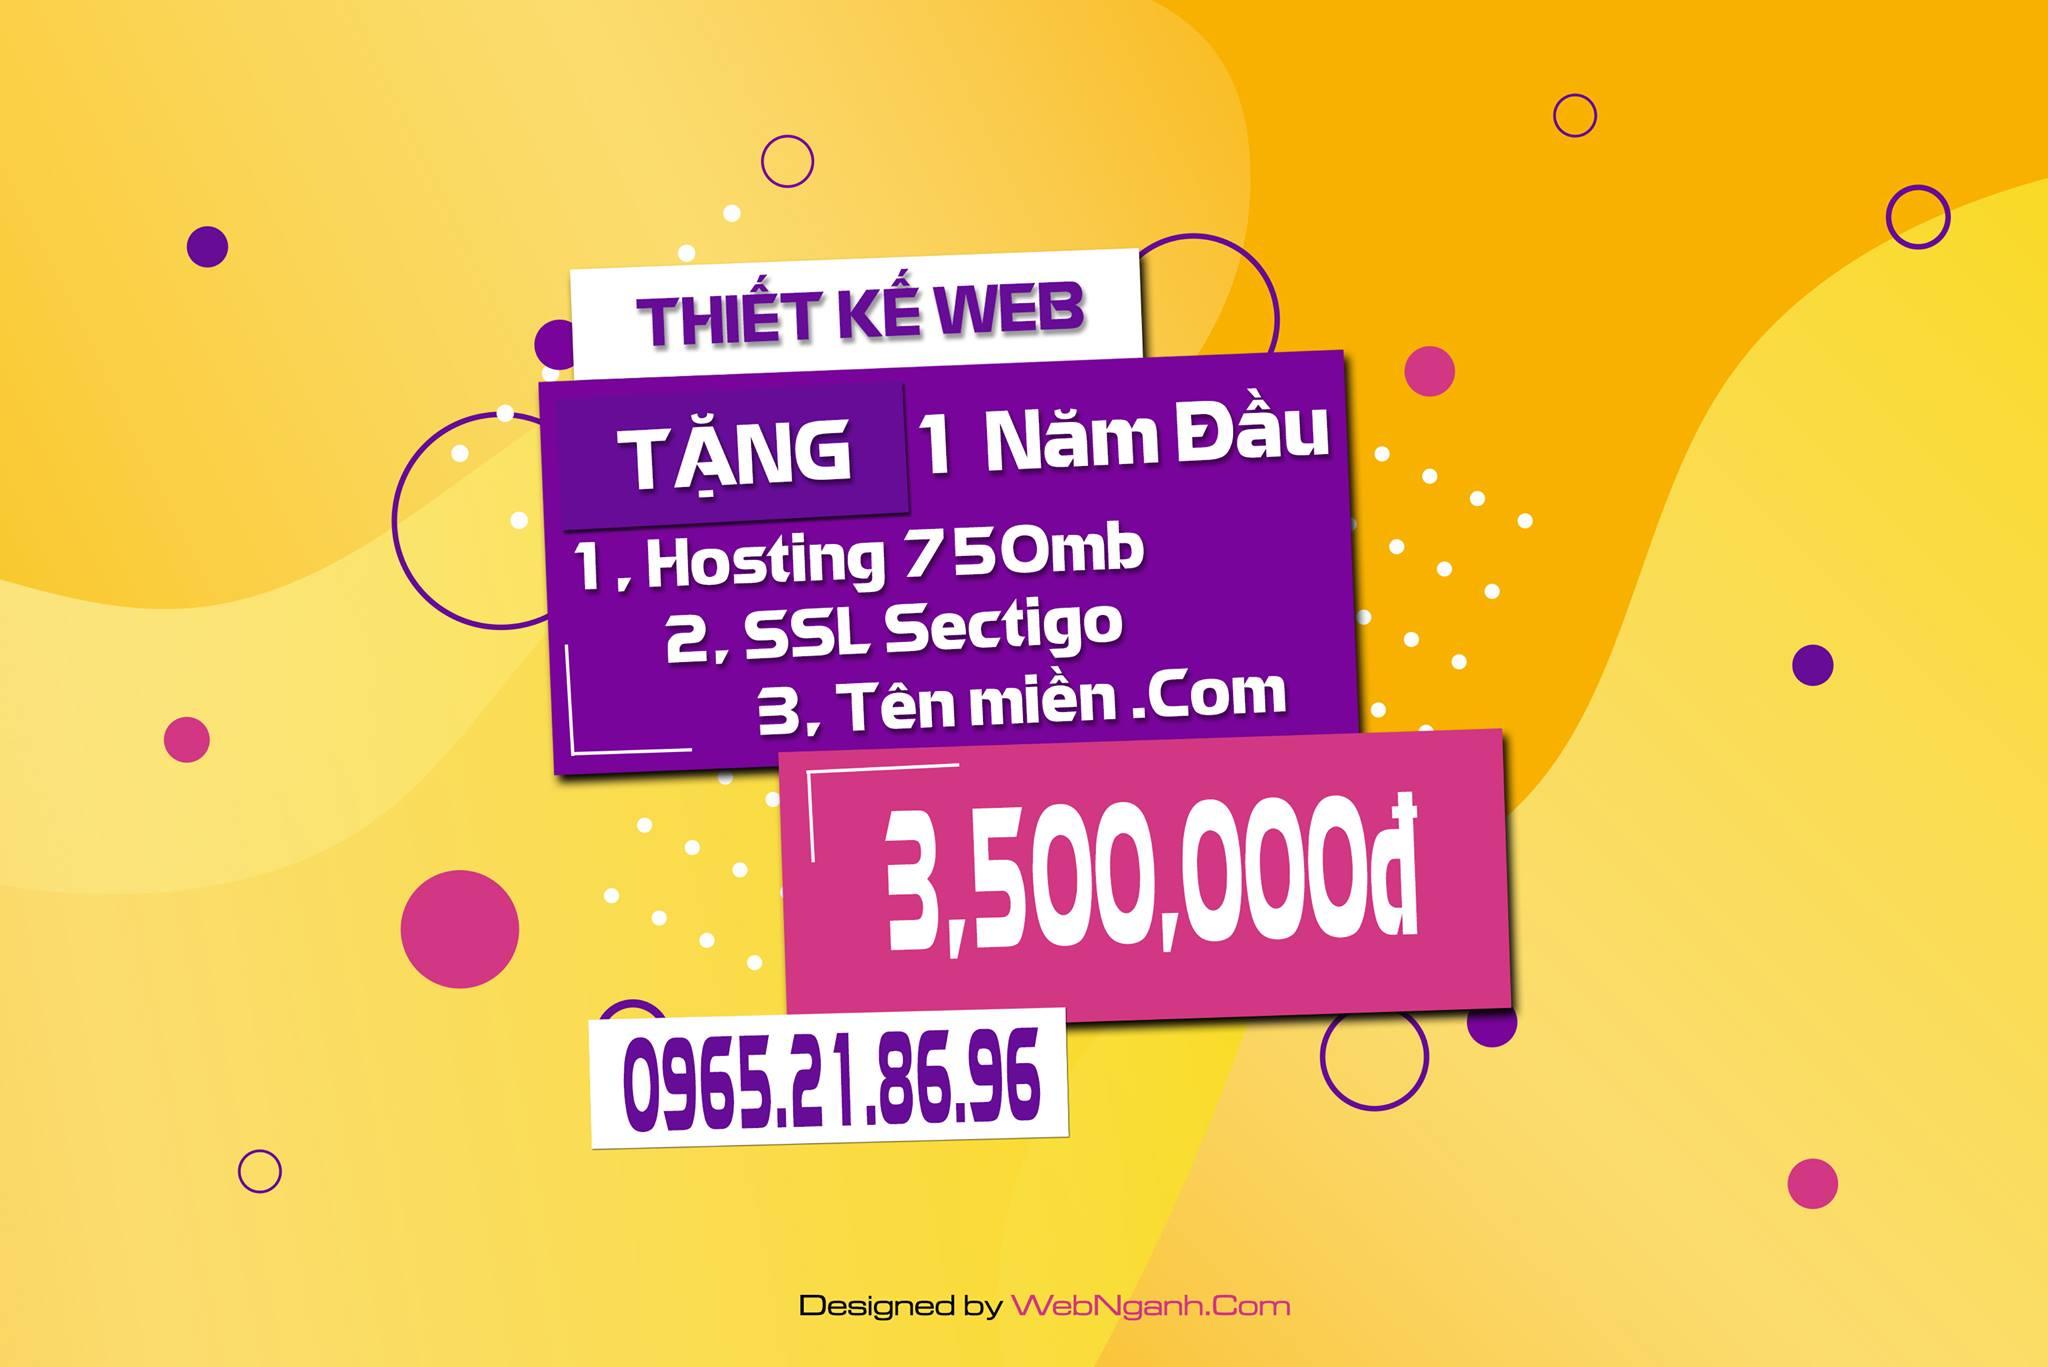 Thiết kế web tặng tên miền và hosting – SSL